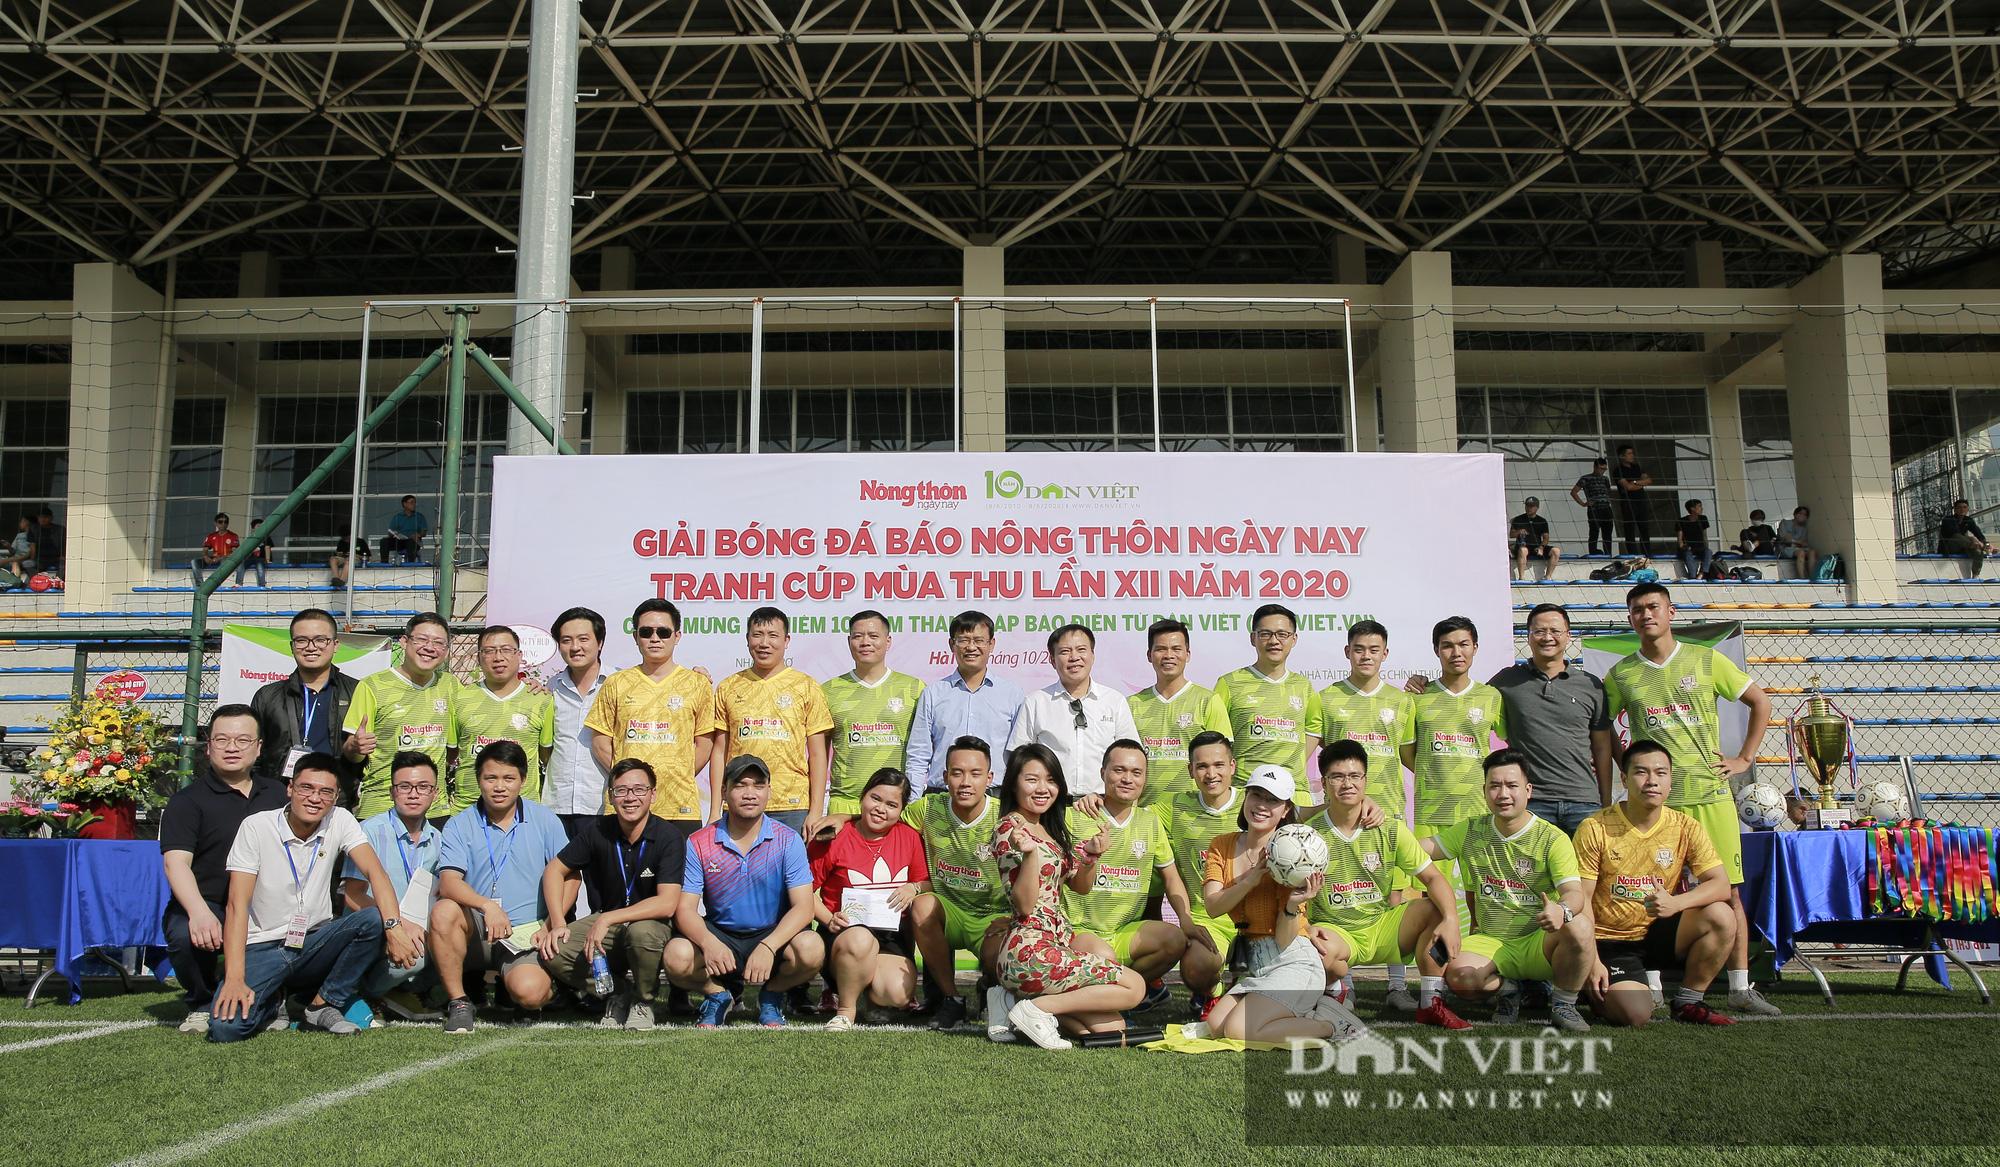 Giải bóng đá báo Nông thôn Ngày nay/Dân Việt lần thứ 12 chính thức khởi tranh - Ảnh 12.